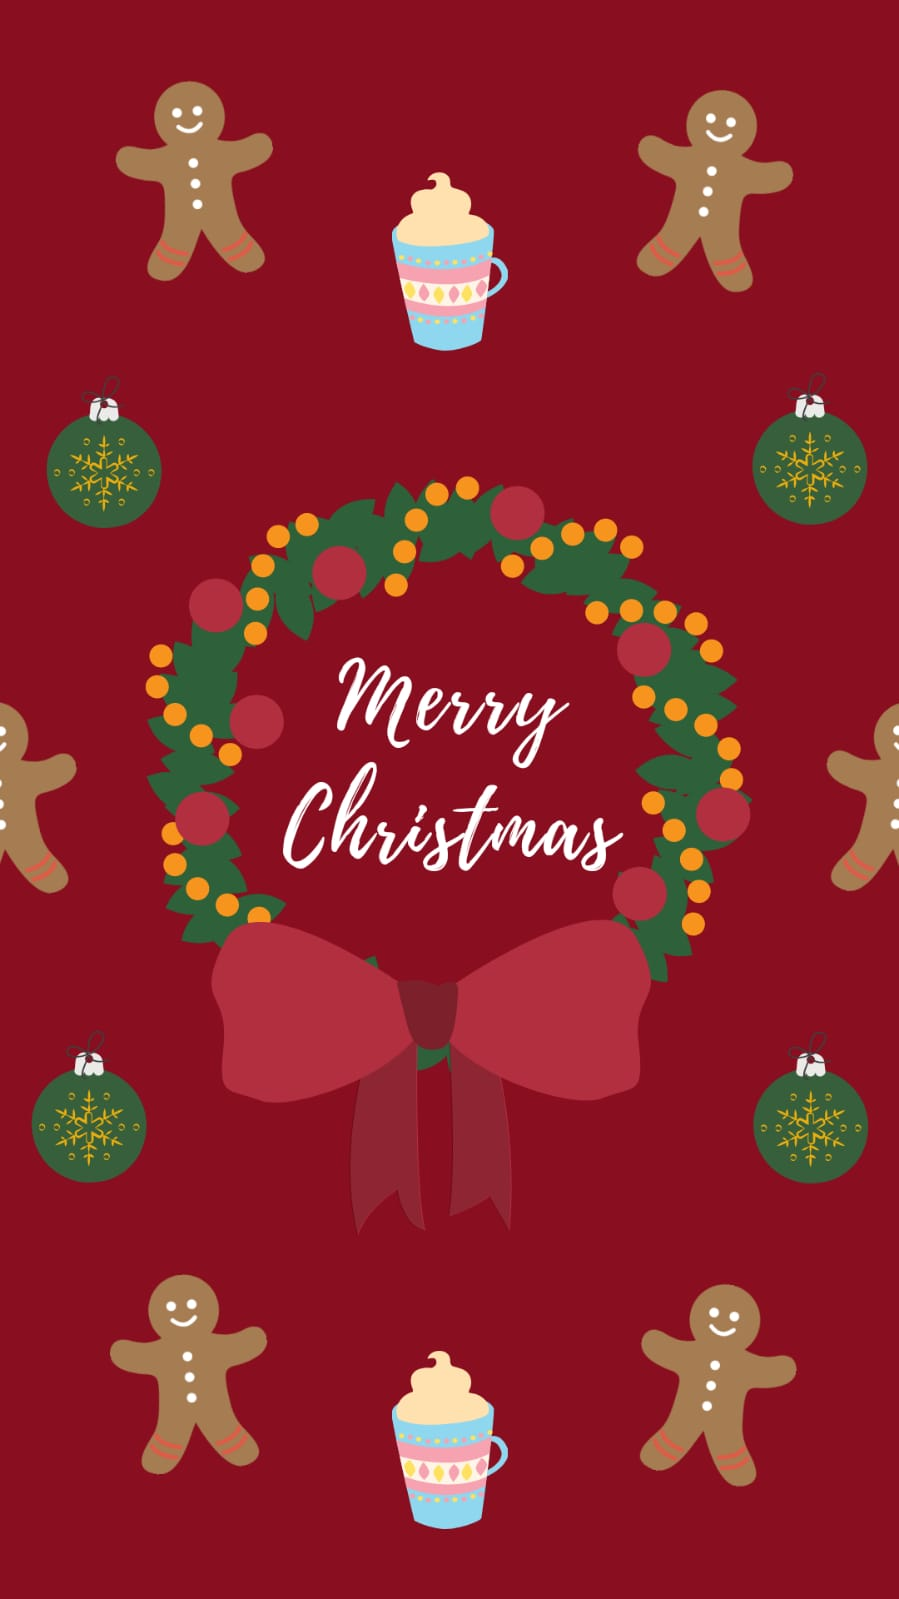 sfondi natalizi per smartphone-merry-xmas-rosso